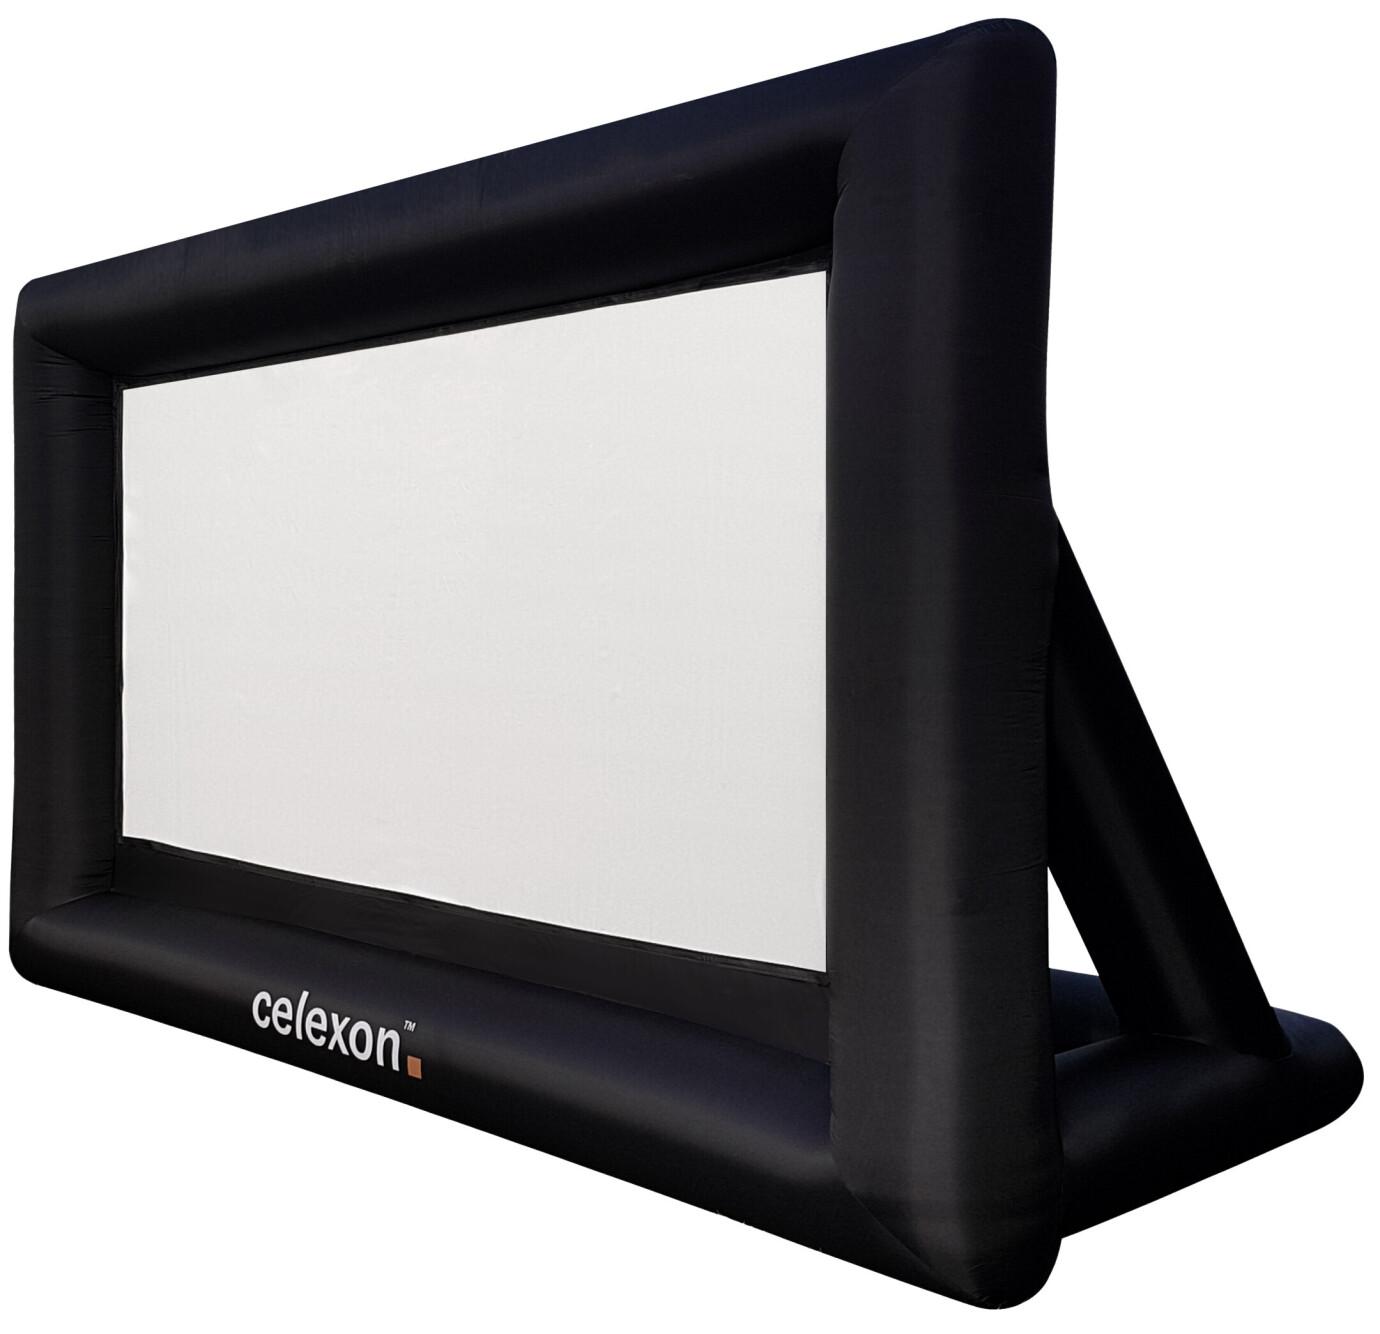 Écran de projection celexon gonflable d'extérieur INF200